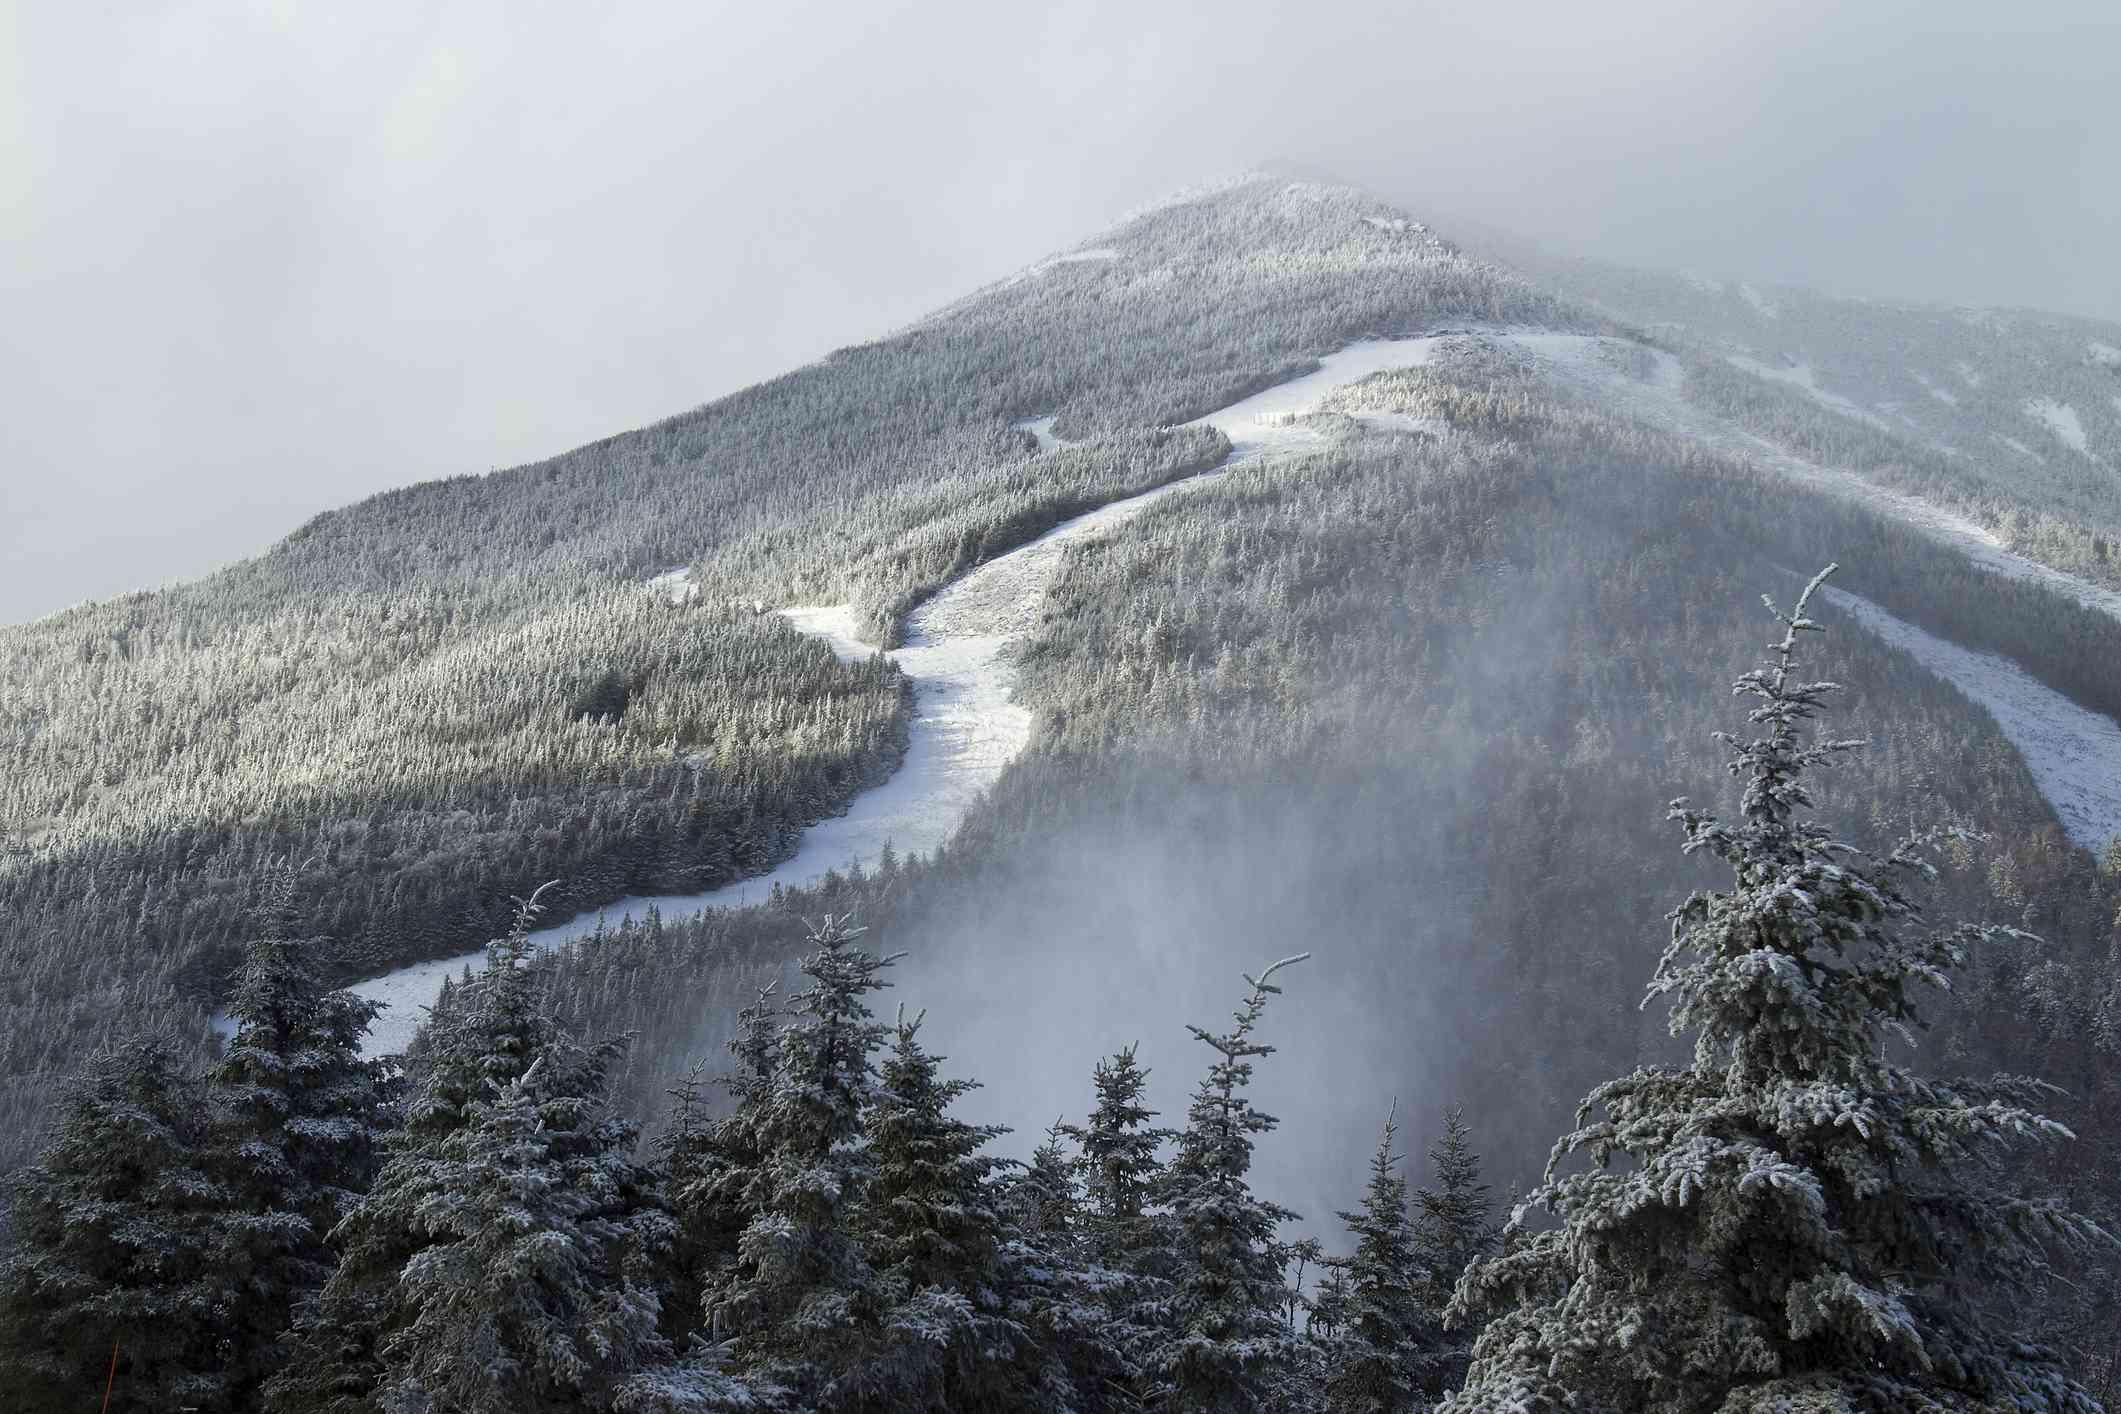 Whiteface Mountain Ski Resort